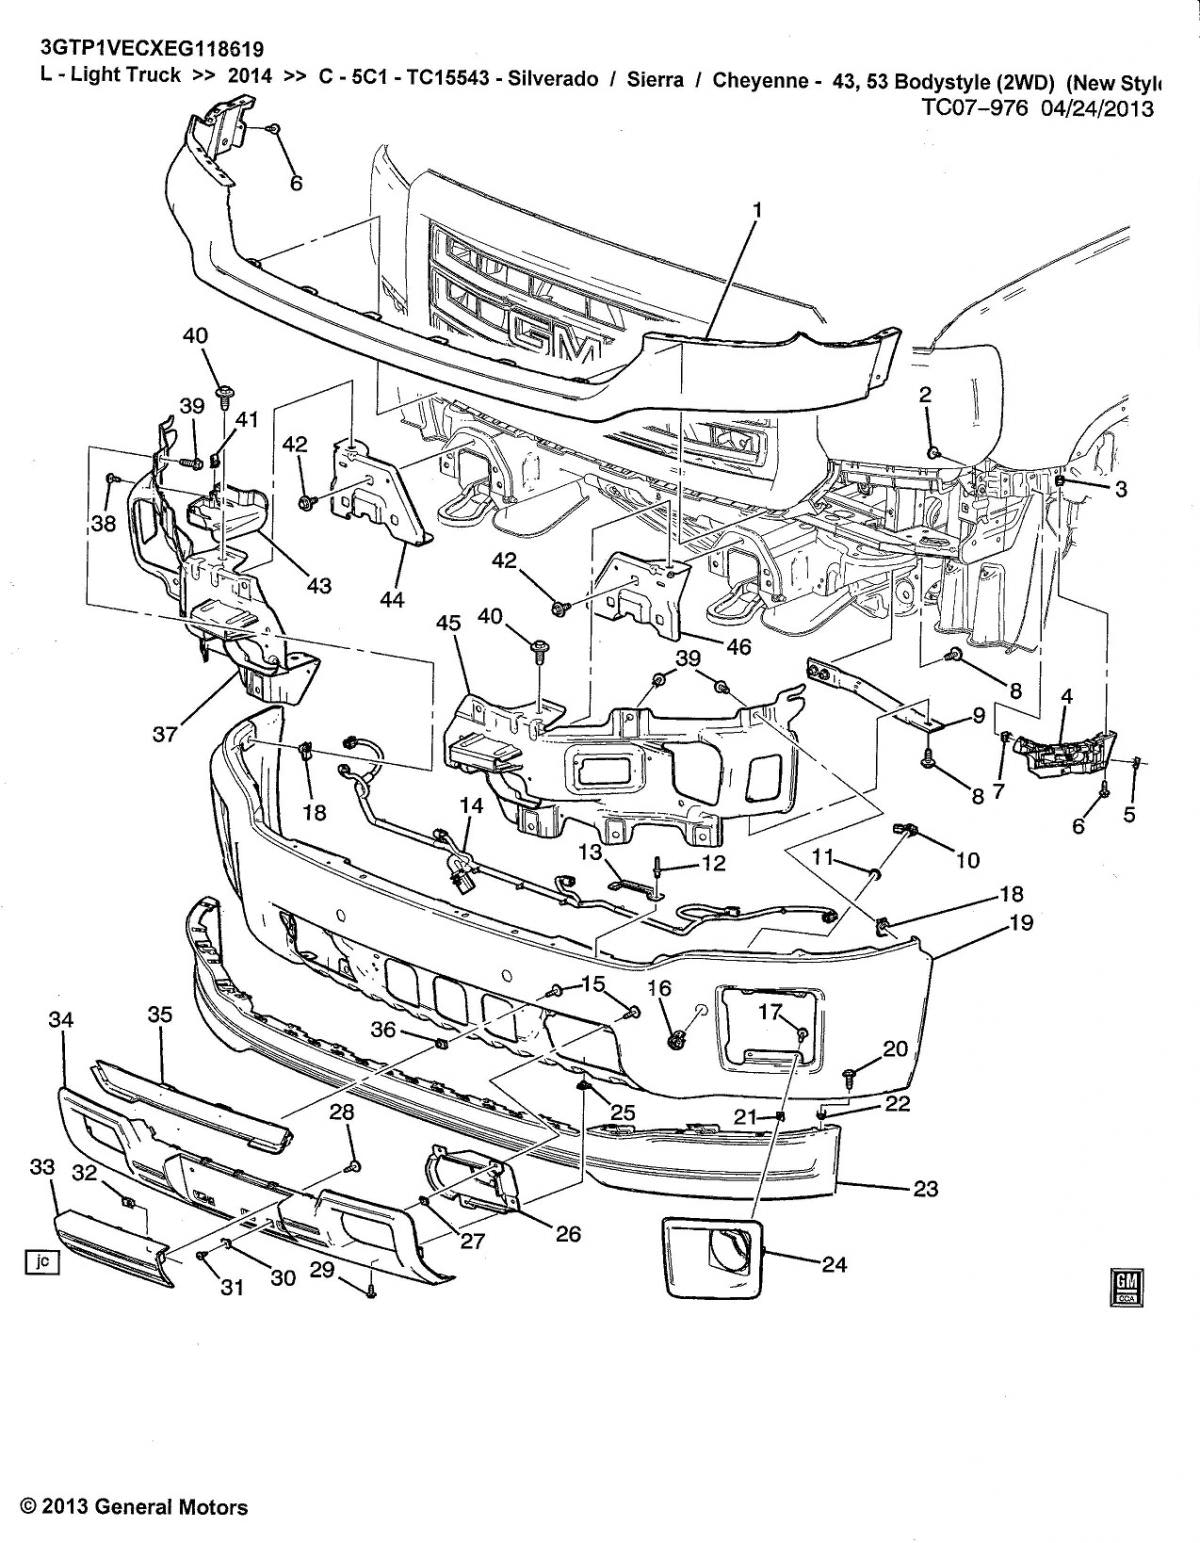 1998 chevy silverado parts manual trans auto parts diagrams